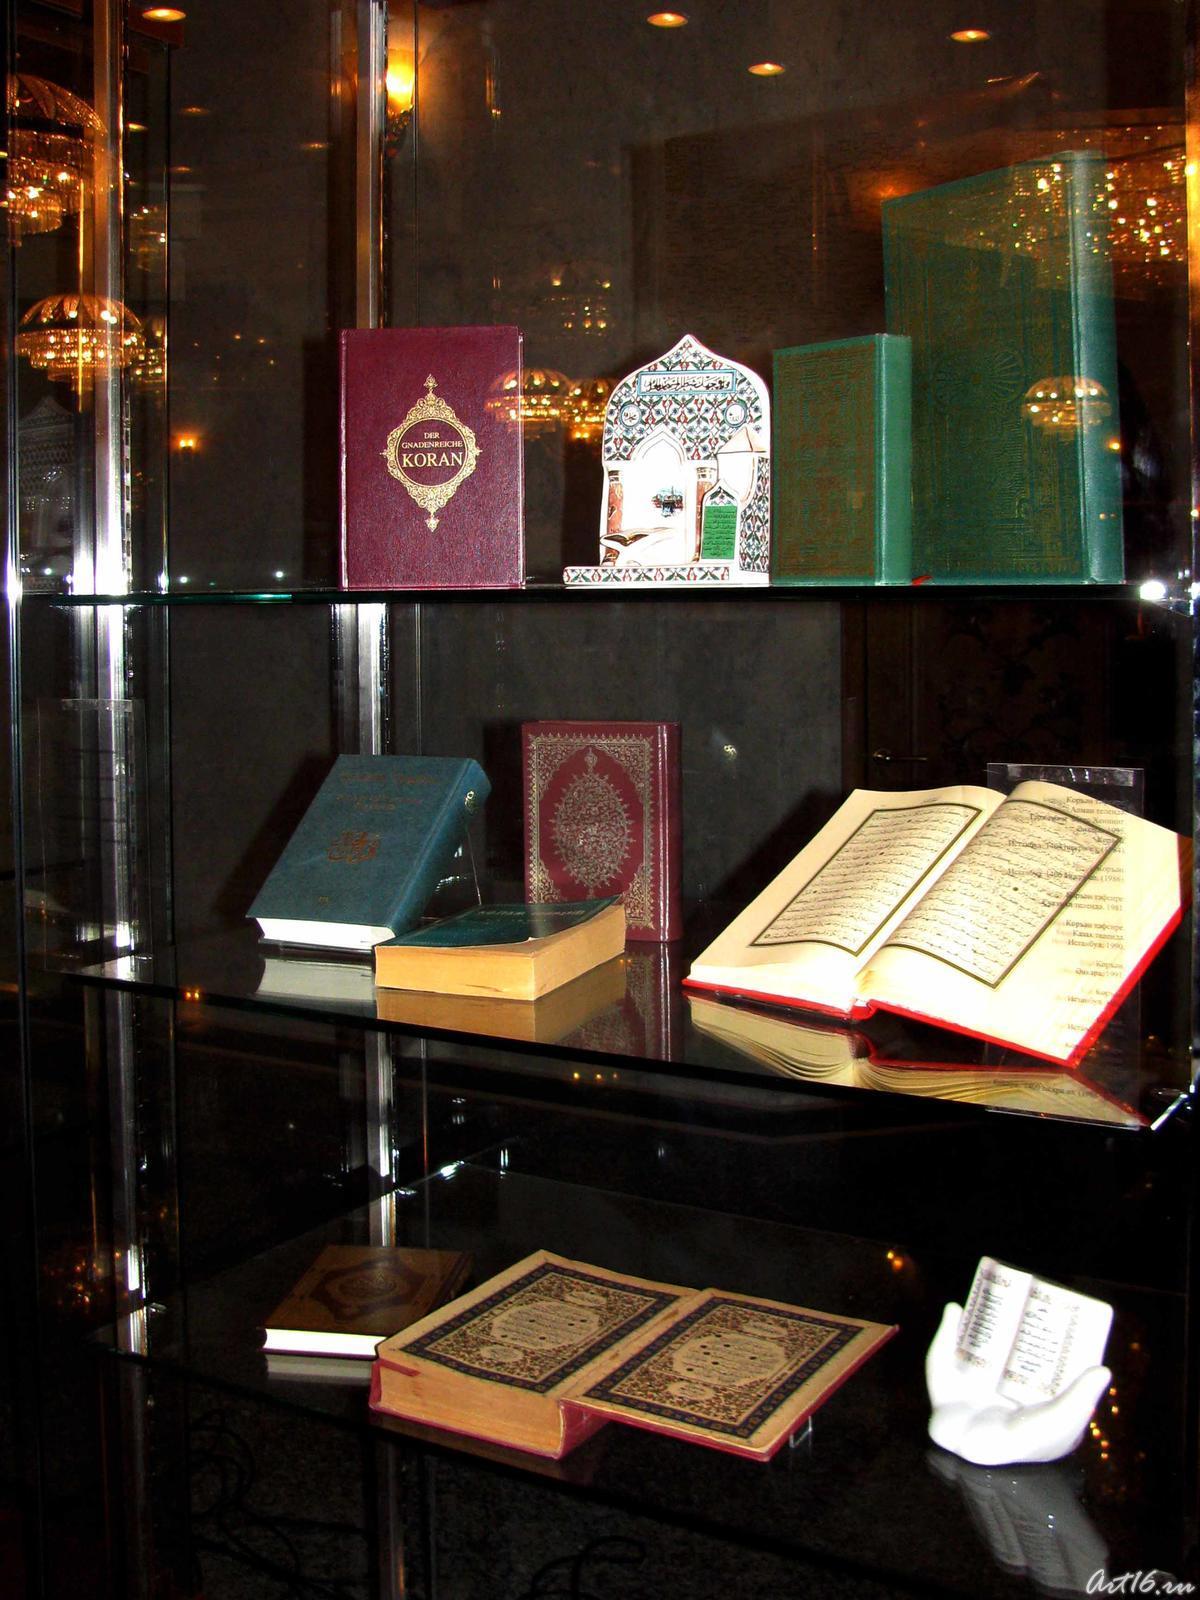 Фото №21804. Кораны, изданные в Турции